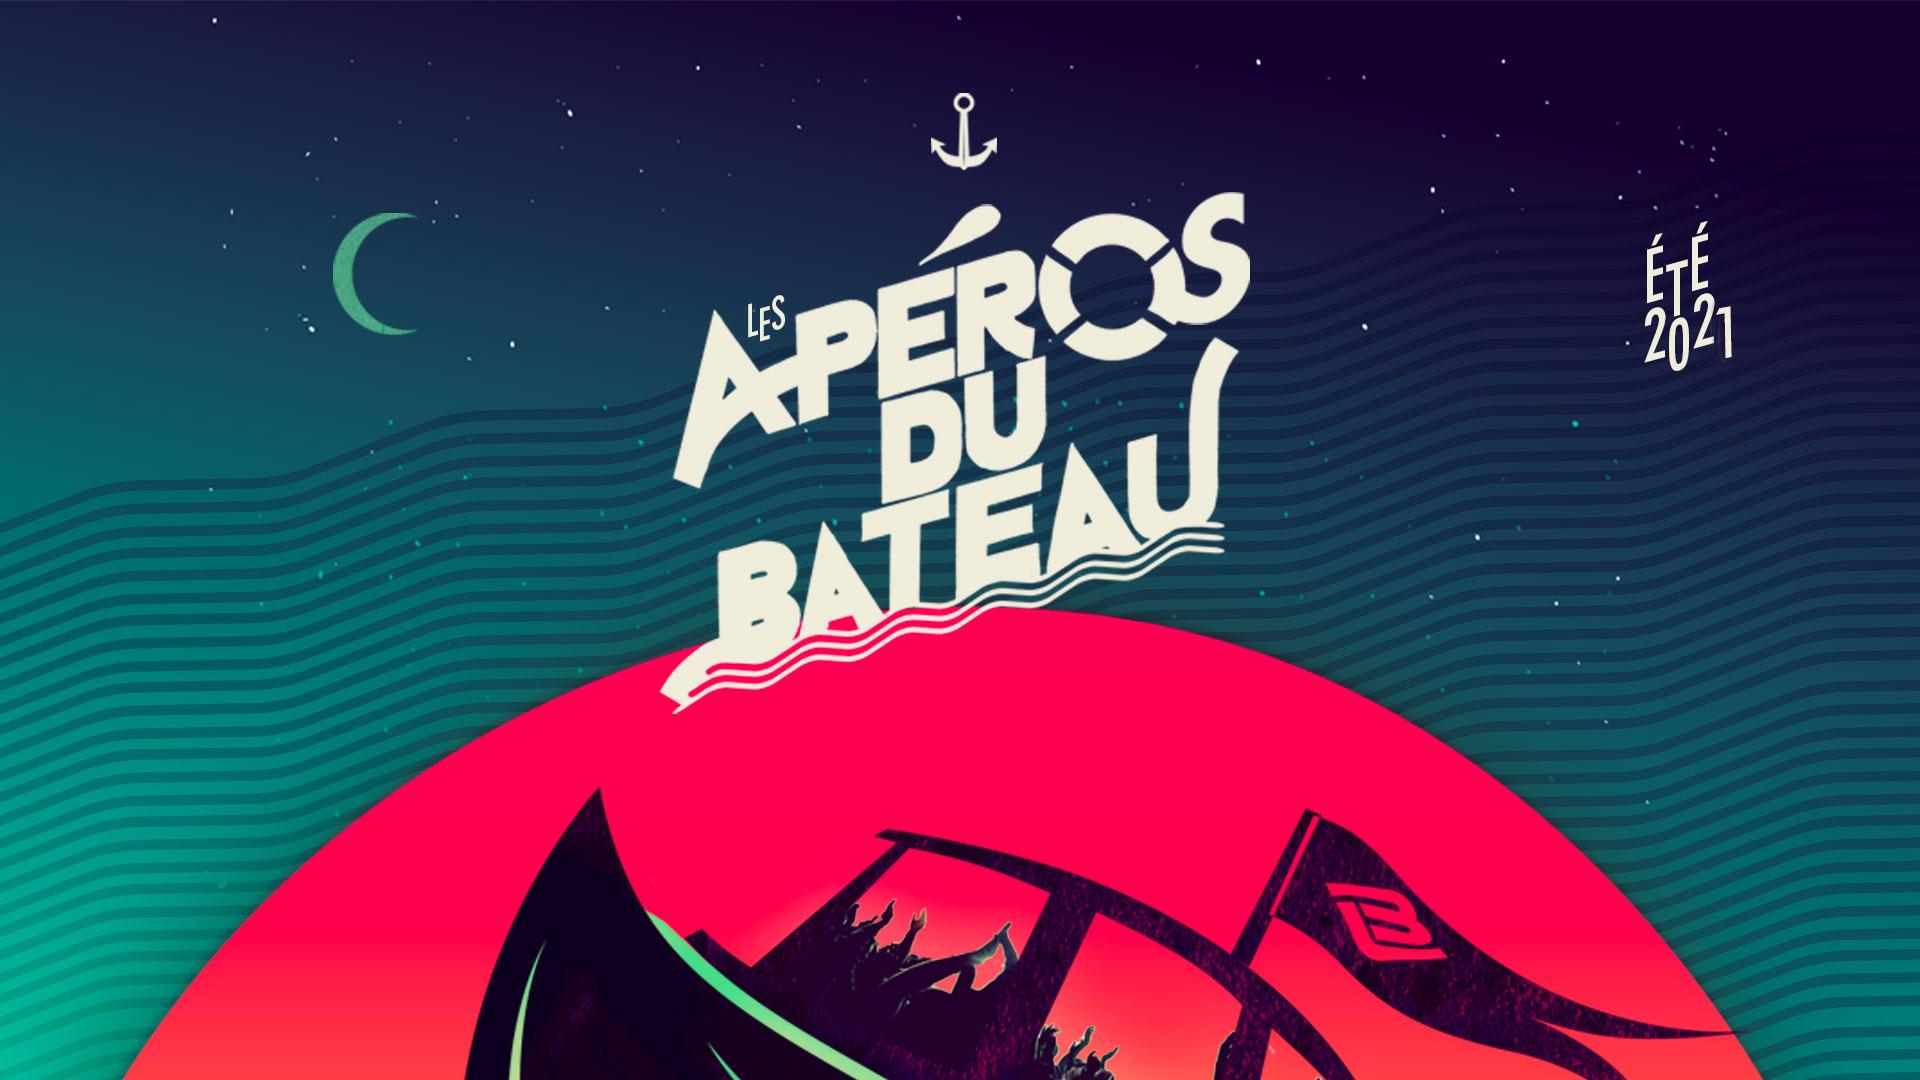 Apéros du bateau | Hip Hop party